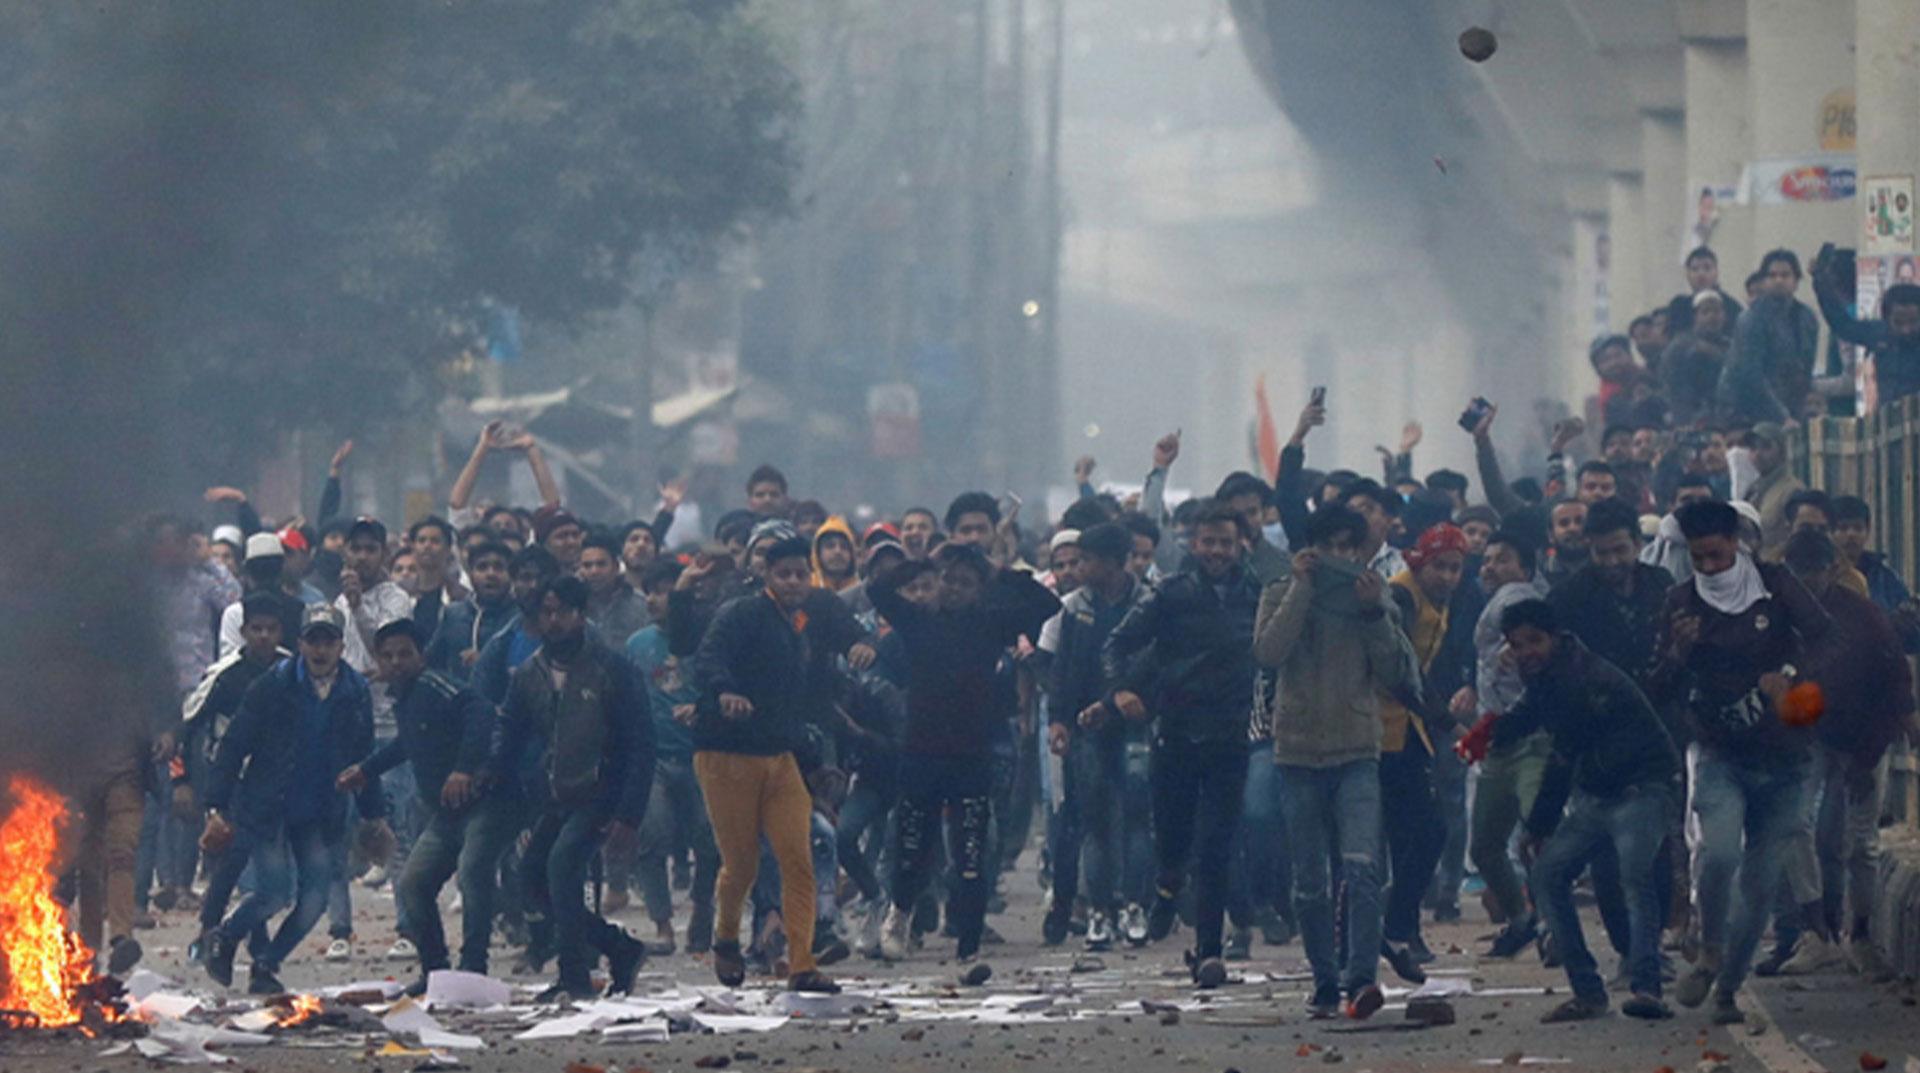 Hindistan'da Müslümanları dışlayan yasaya karşı gösterilerde ölü sayısı 17'ye yükseldi